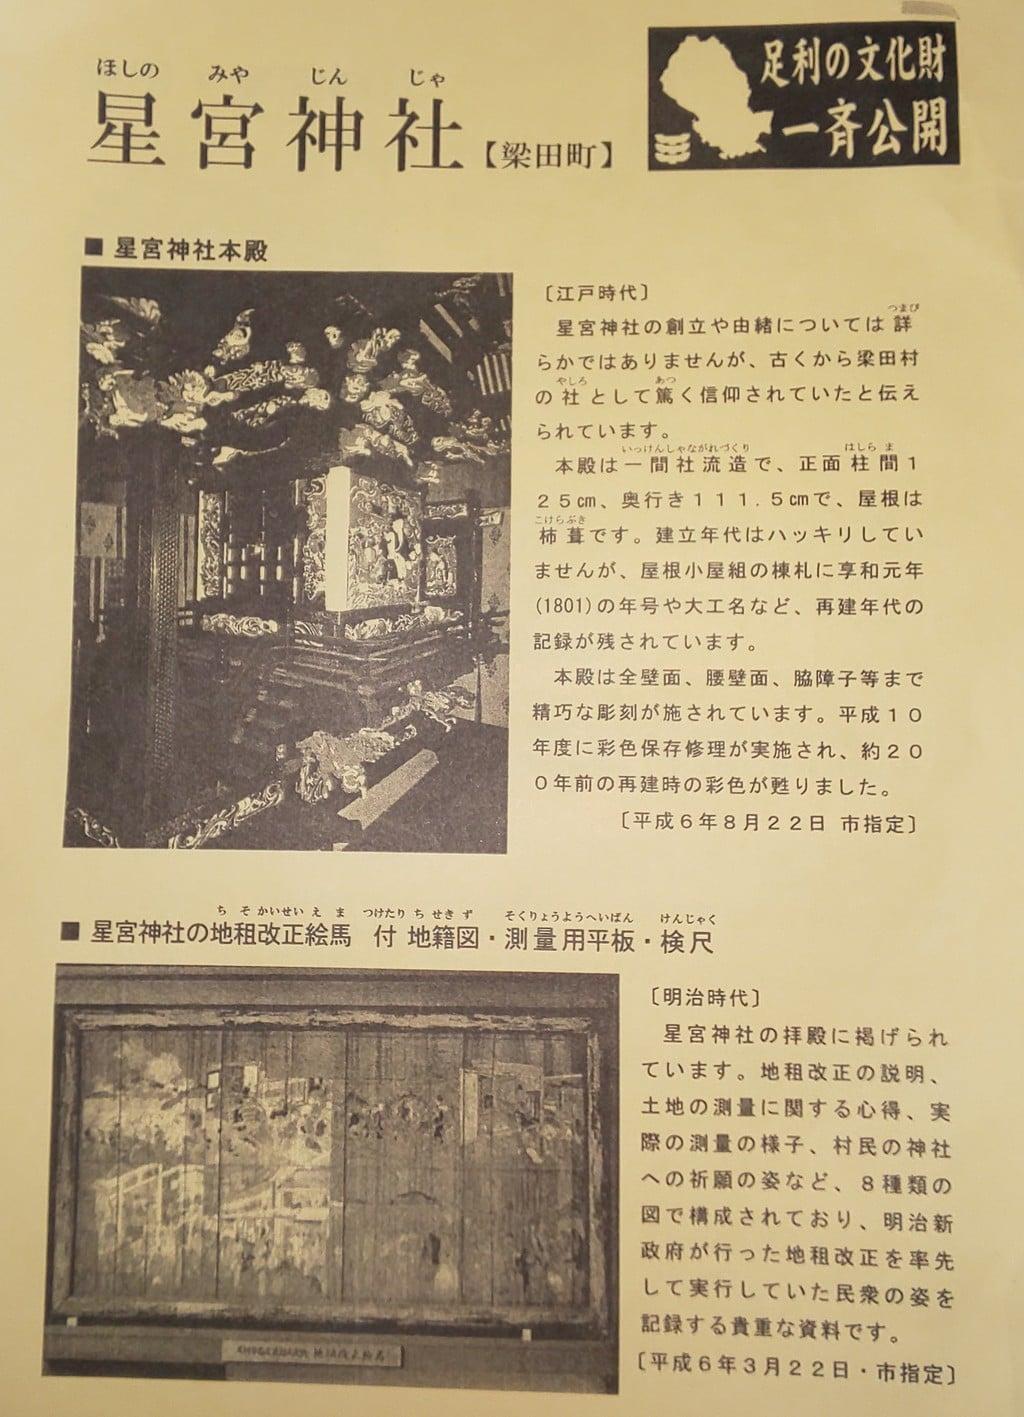 星宮神社(下野國・梁田宿総鎮守社)の歴史